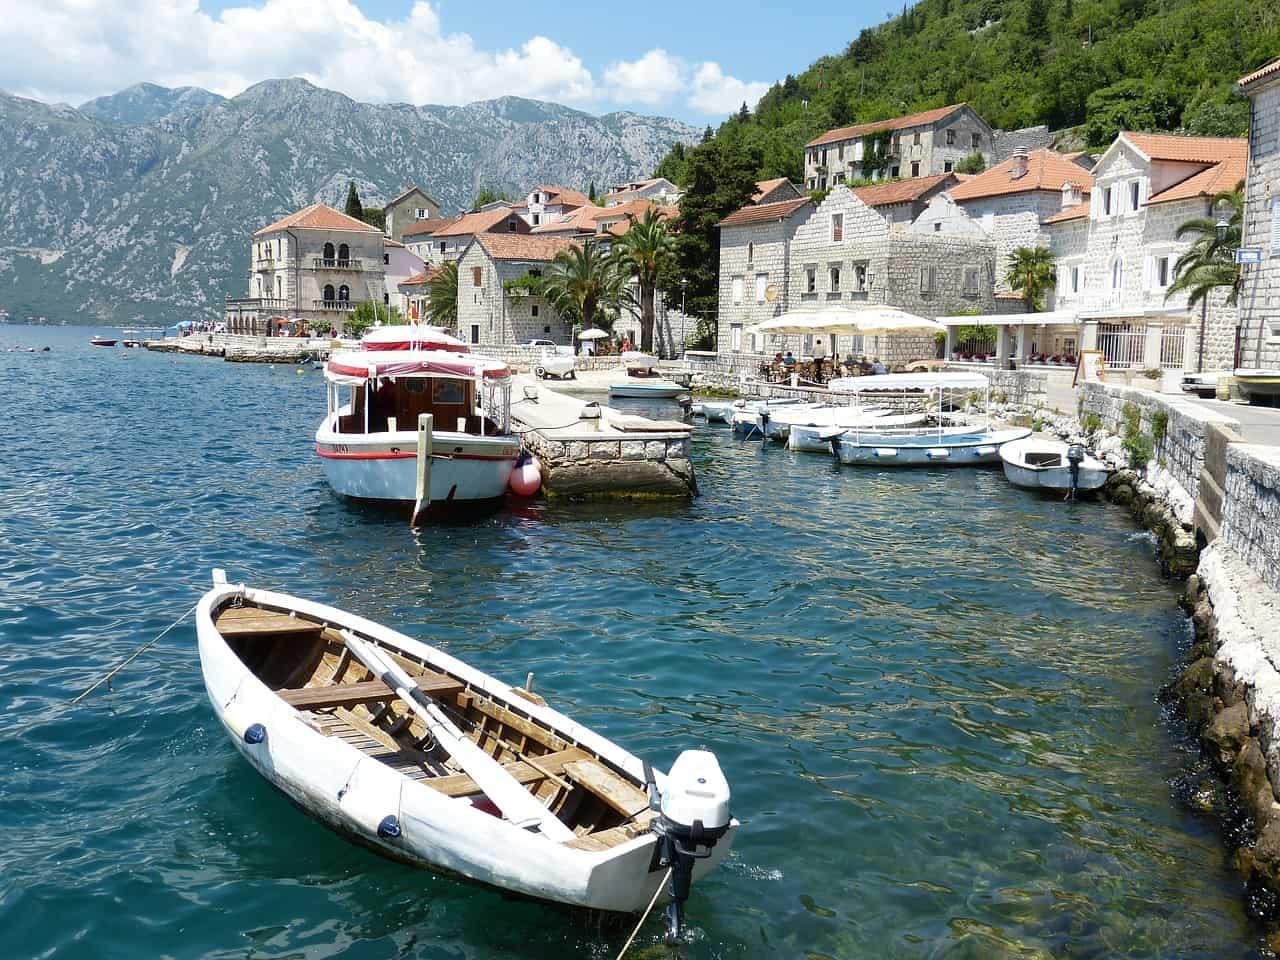 Bootjes liggen aangemeerd langs de kade van het pittoreske Kotor in Montenegro